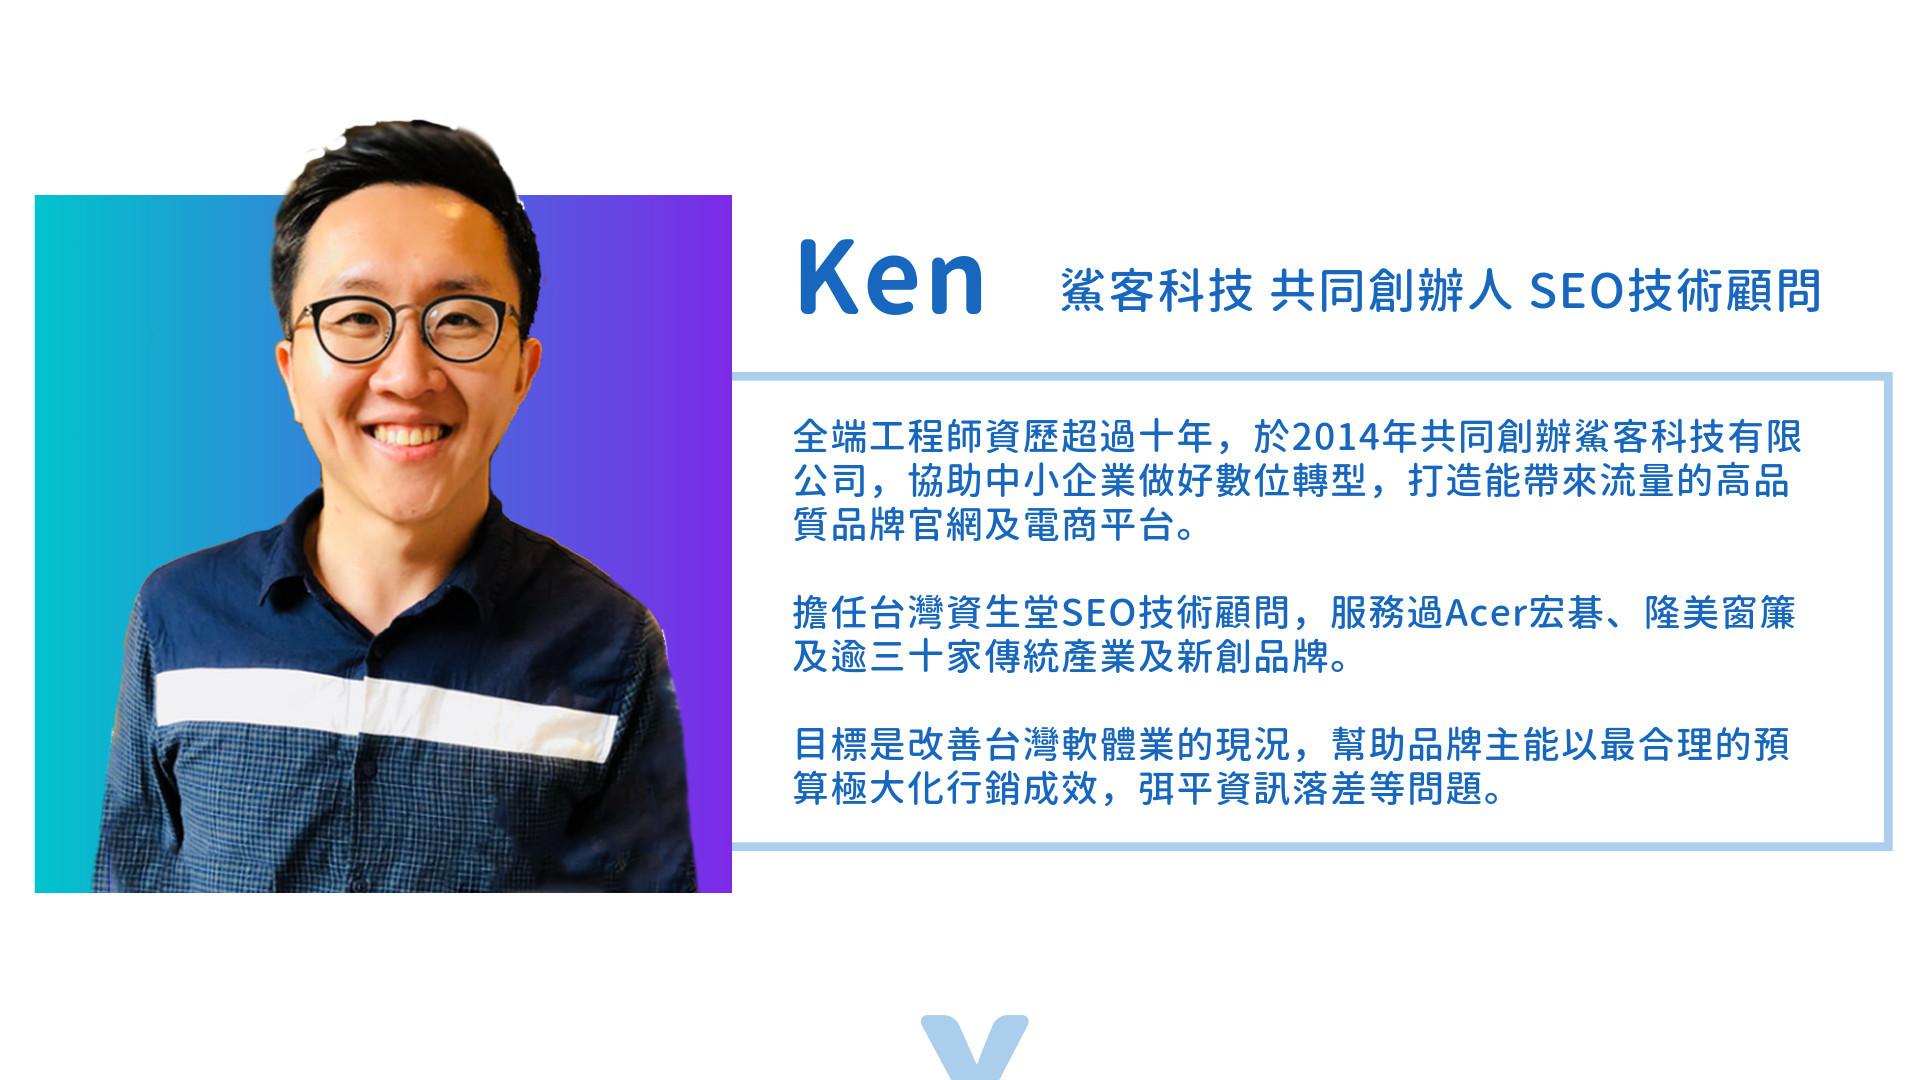 7.SEO網站優化專家鯊客科技技術總監Ken-鯊客科技SEO從0到1課程